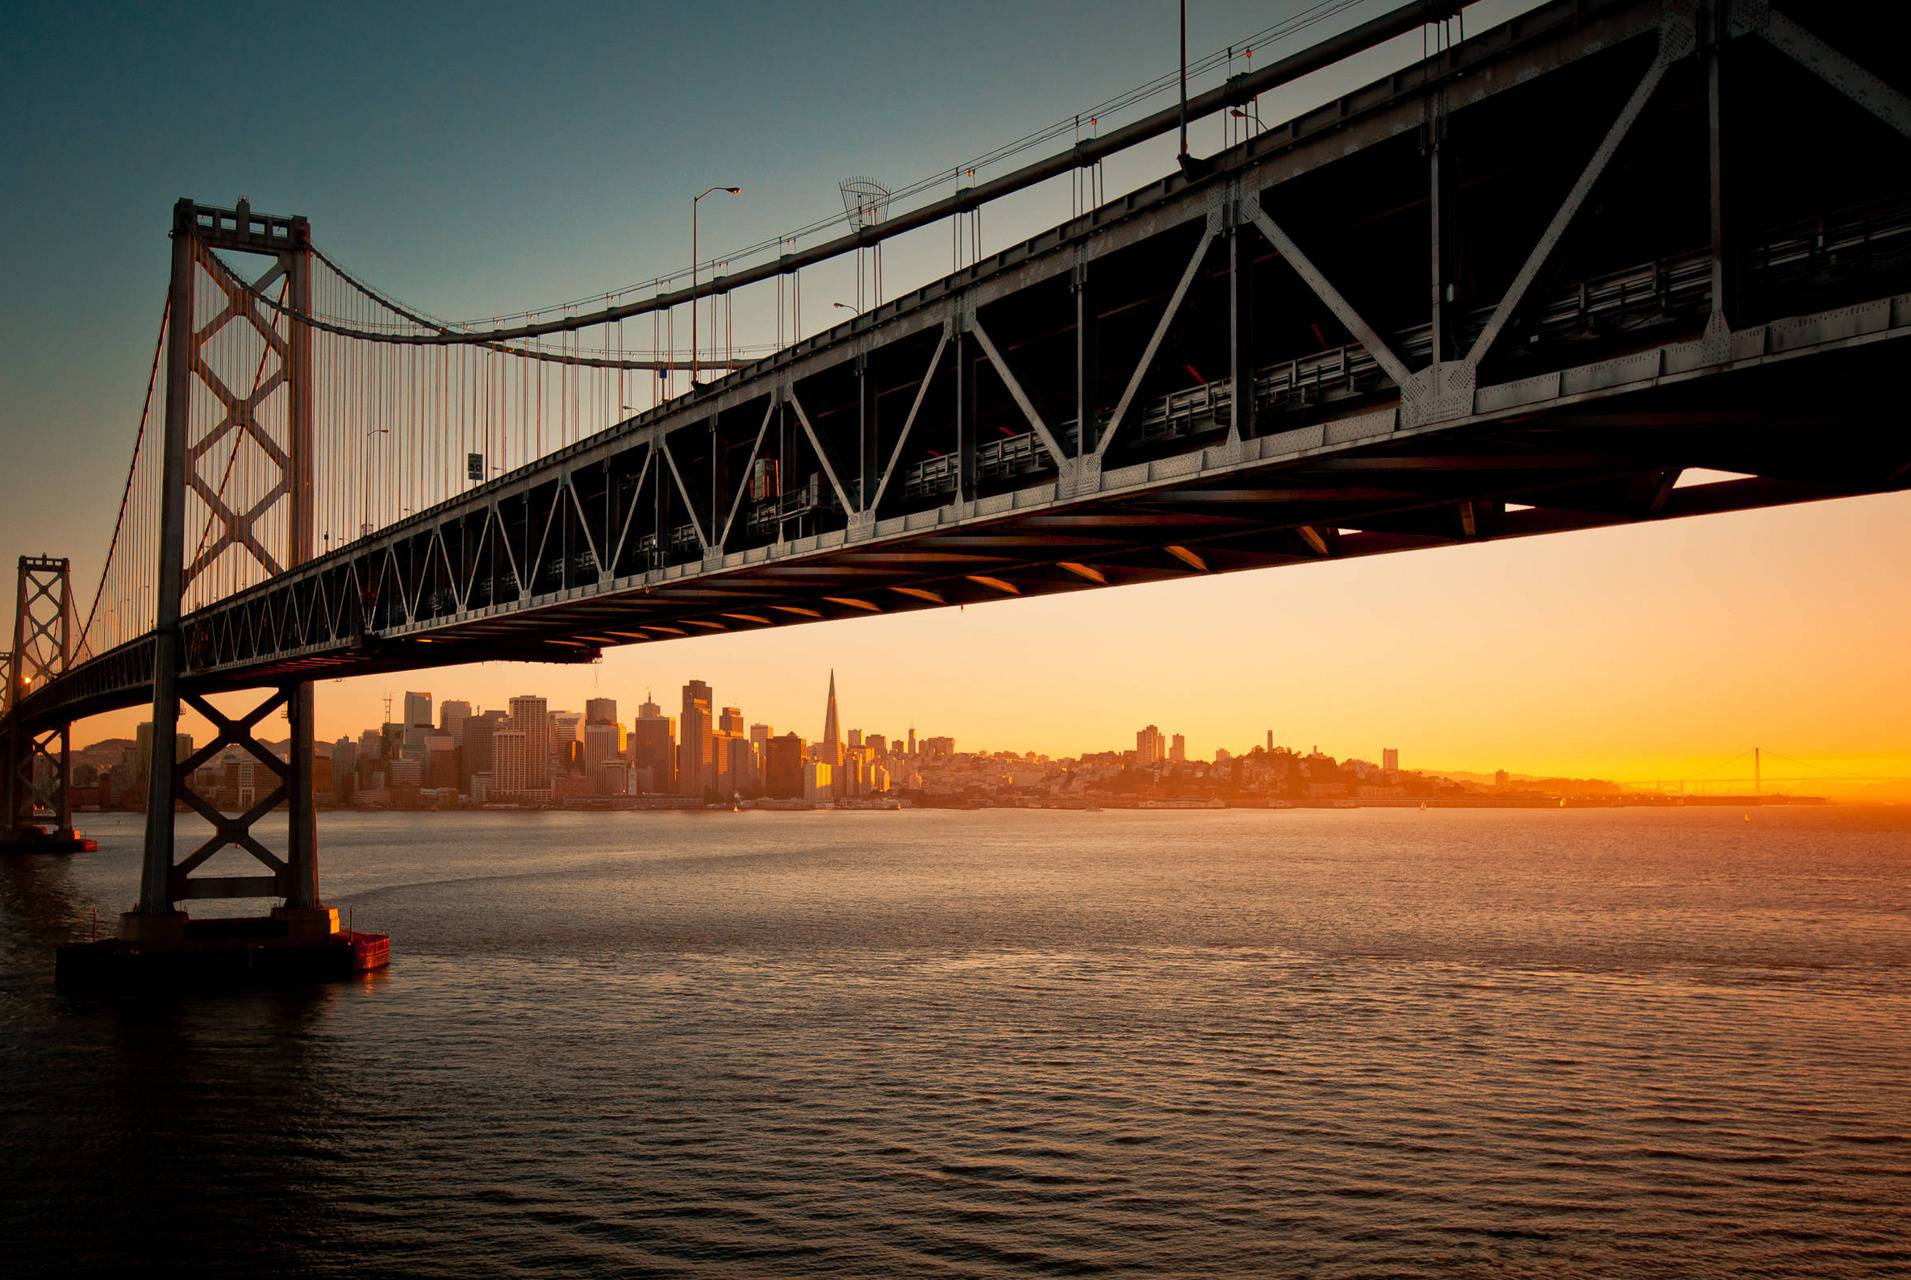 Bridge22